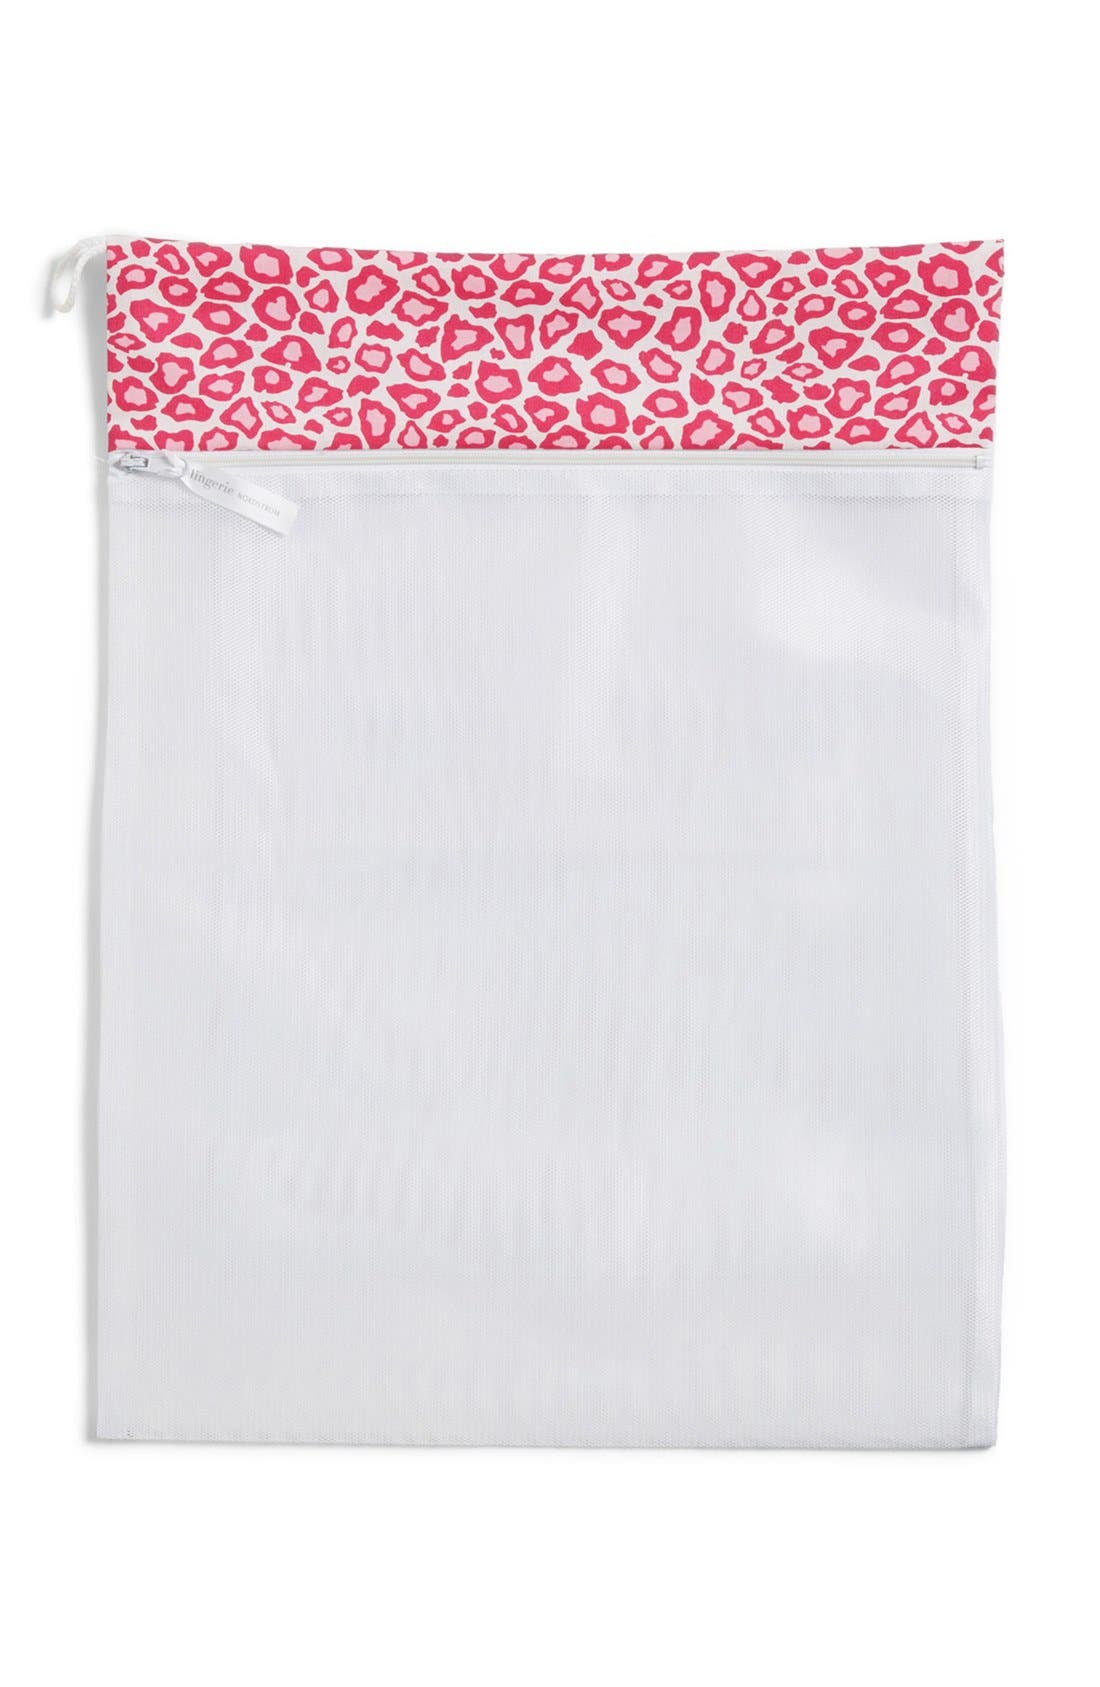 Alternate Image 1 Selected - Nordstrom Intimates Leopard Trim Lingerie Wash Bag